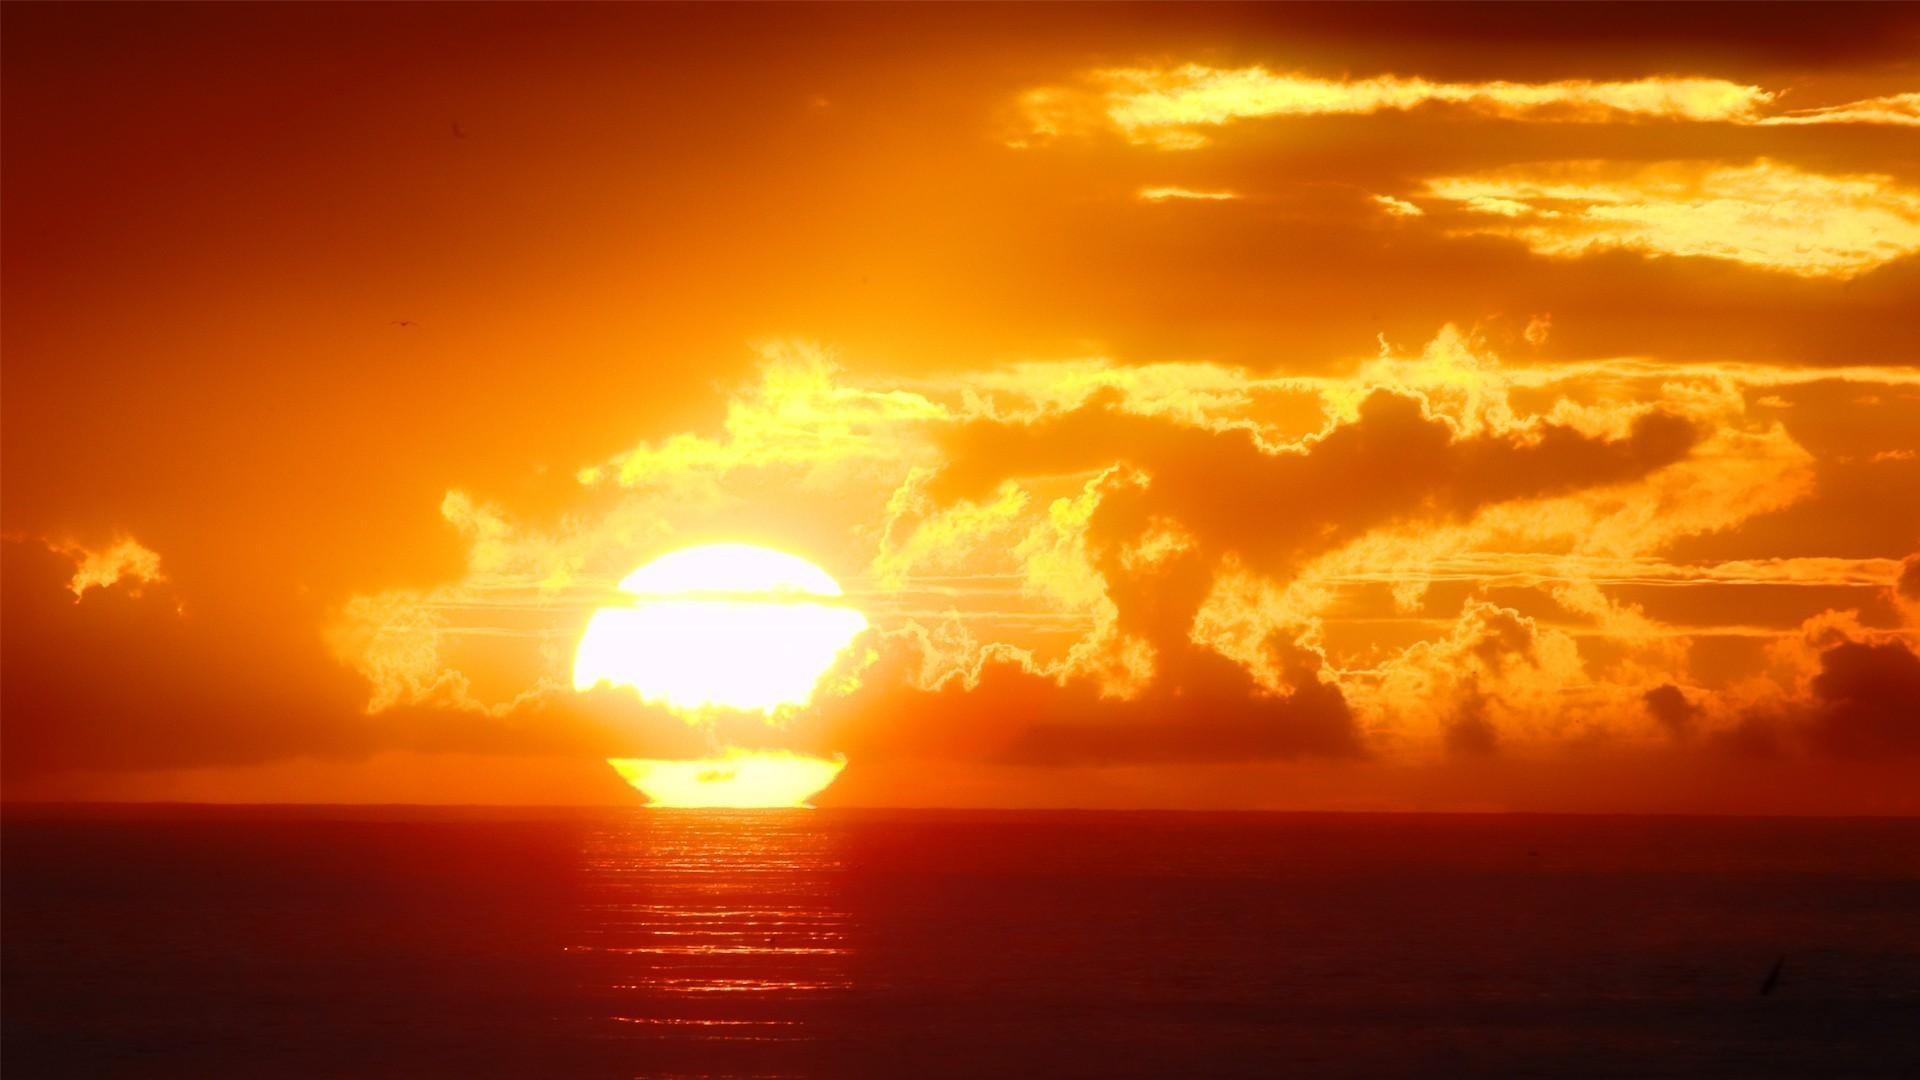 Sunset wallpaper   787057 1920x1080